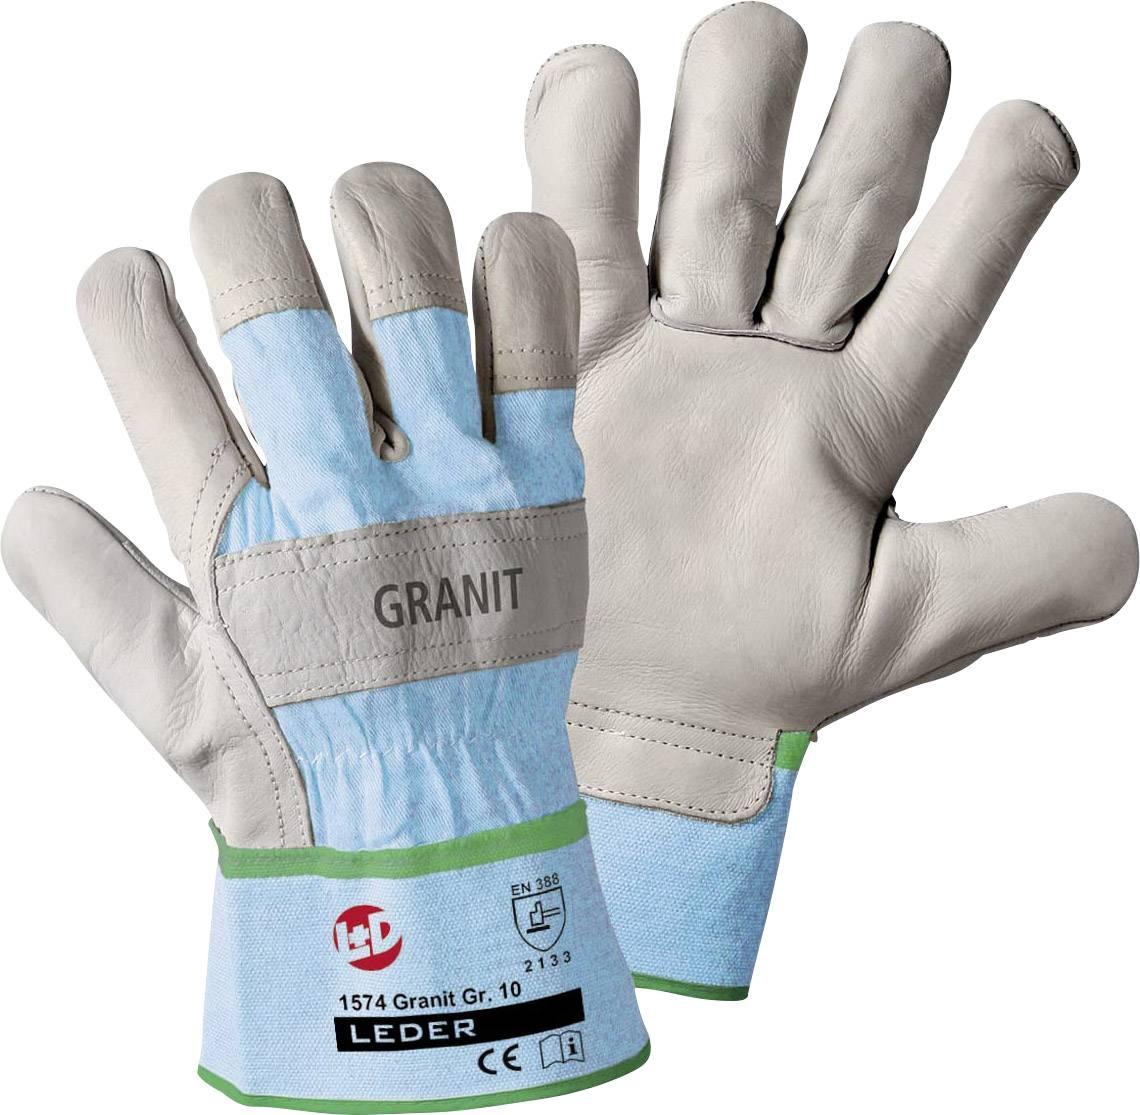 Pracovní rukavice z kovězí kůže, velikost 10